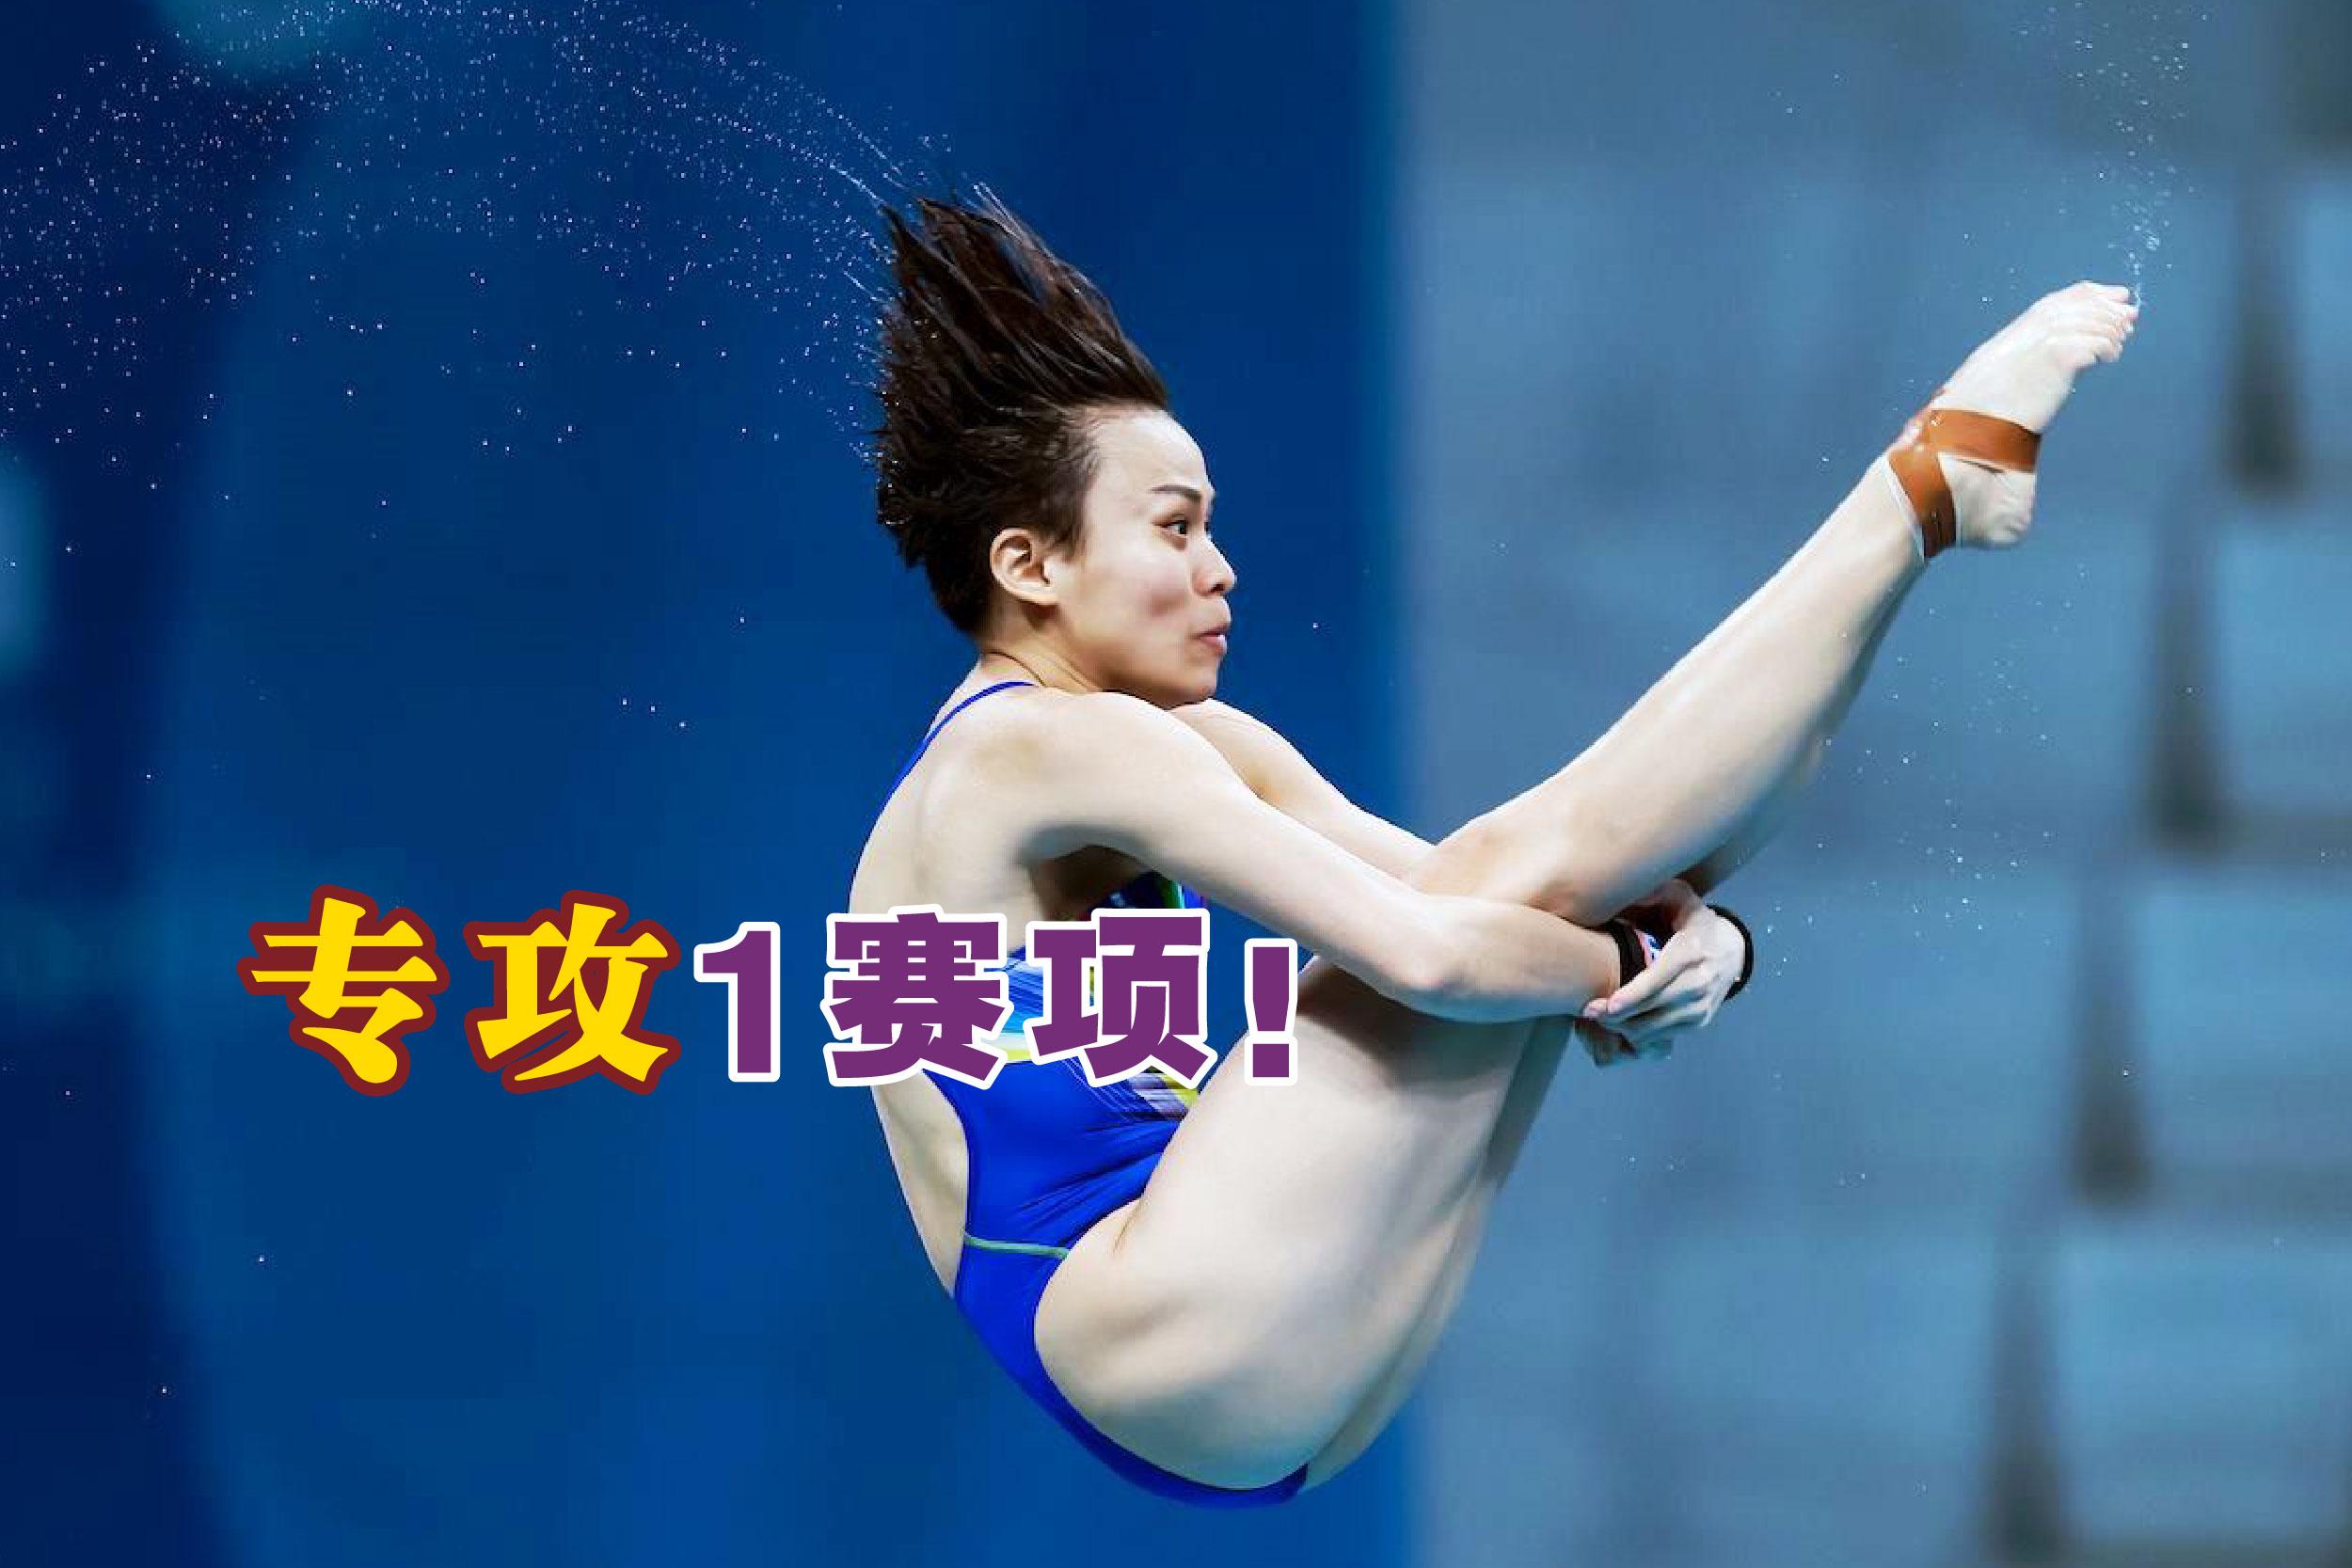 """张俊虹从上届里约奥运会的""""很忙""""征战3赛项,到这届奥运会只征战一项,而且是她首次在奥运上场的女单10米跳台。-摘自FINA官网/精彩大马制图-"""